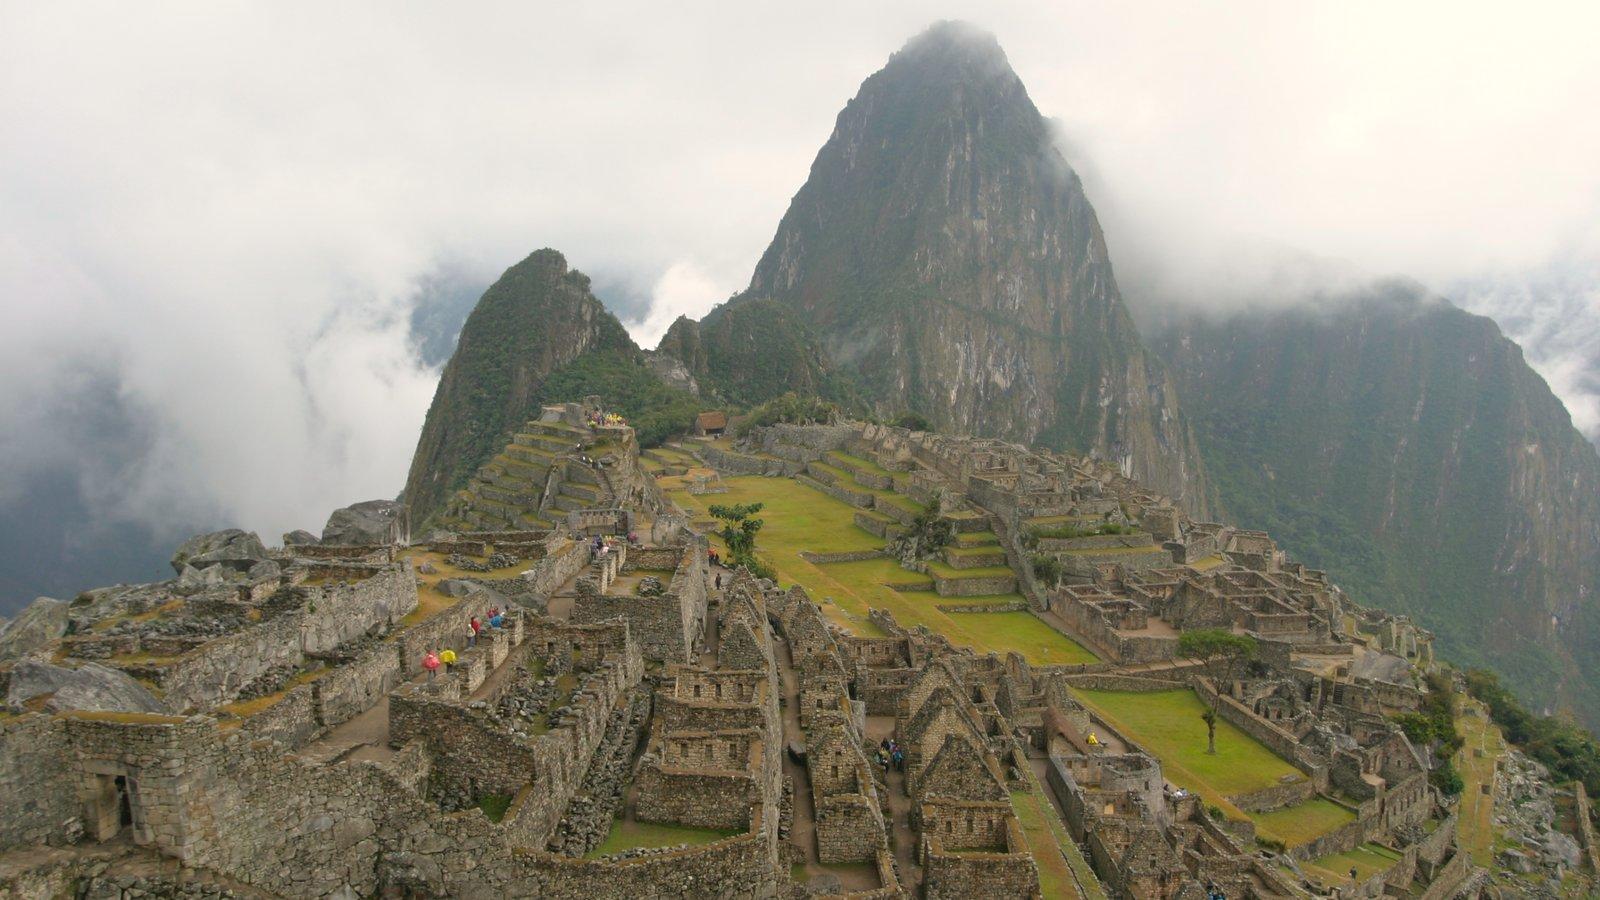 Machu Picchu caracterizando montanhas, uma ruína e neblina